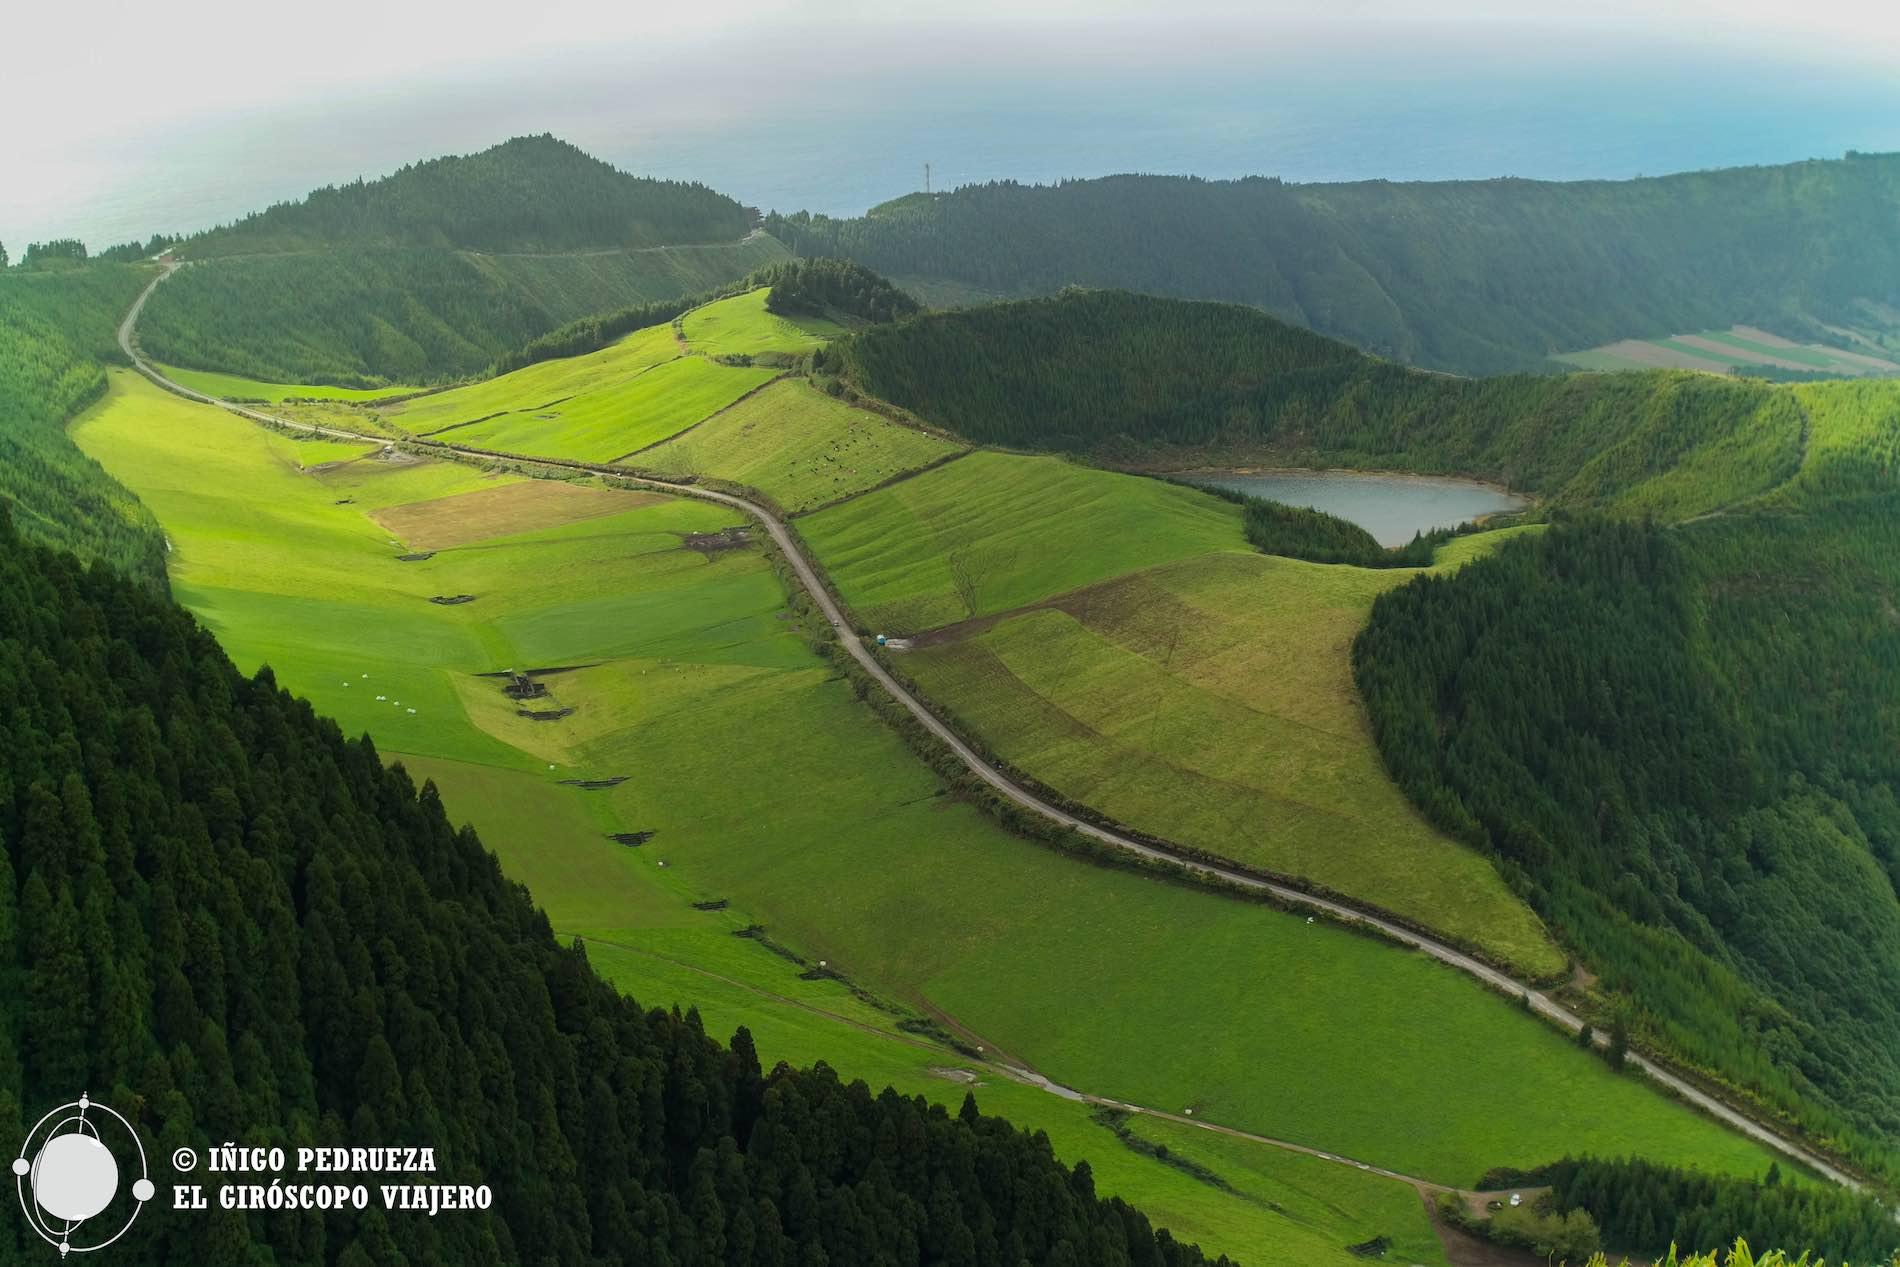 El archipiélago de las Azores está lleno de paisajes únicos, como la caldera del volcán de Sete Cidades. ©Iñigo Pedrueza.